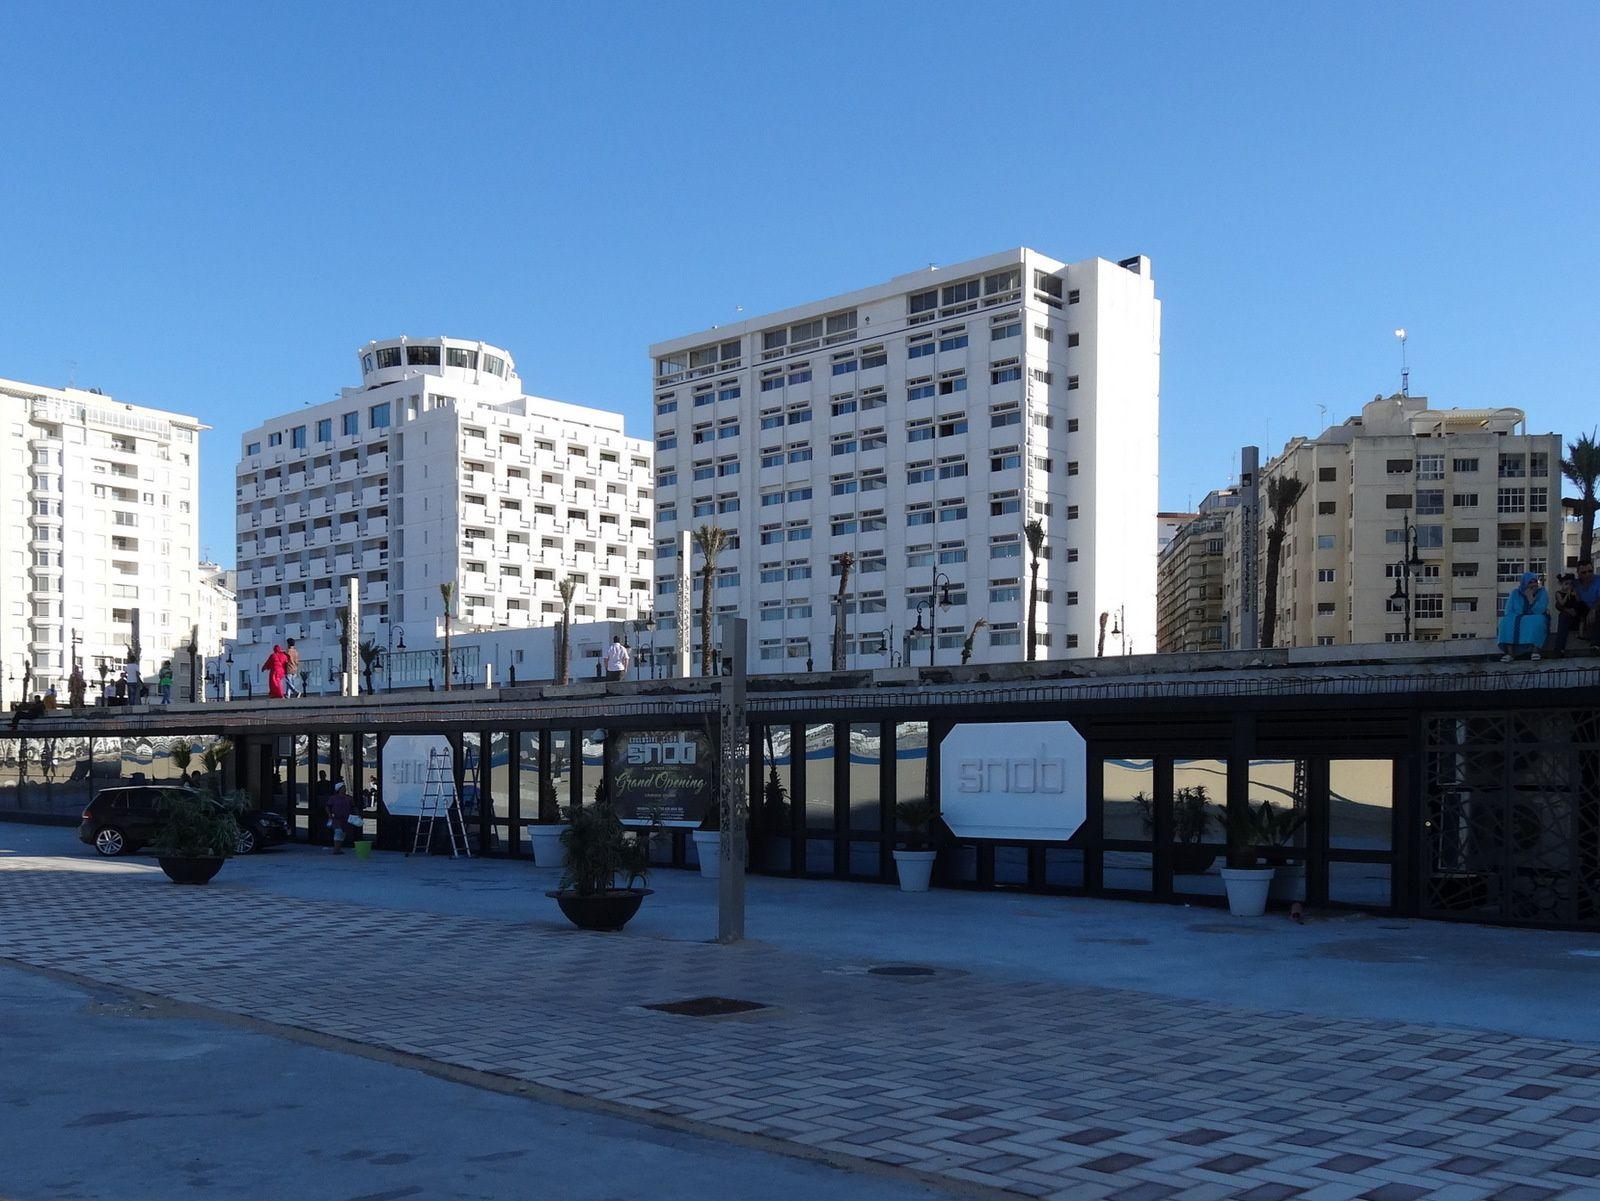 Promenade sur la corniche de Tanger (partie basse : 5 photos)